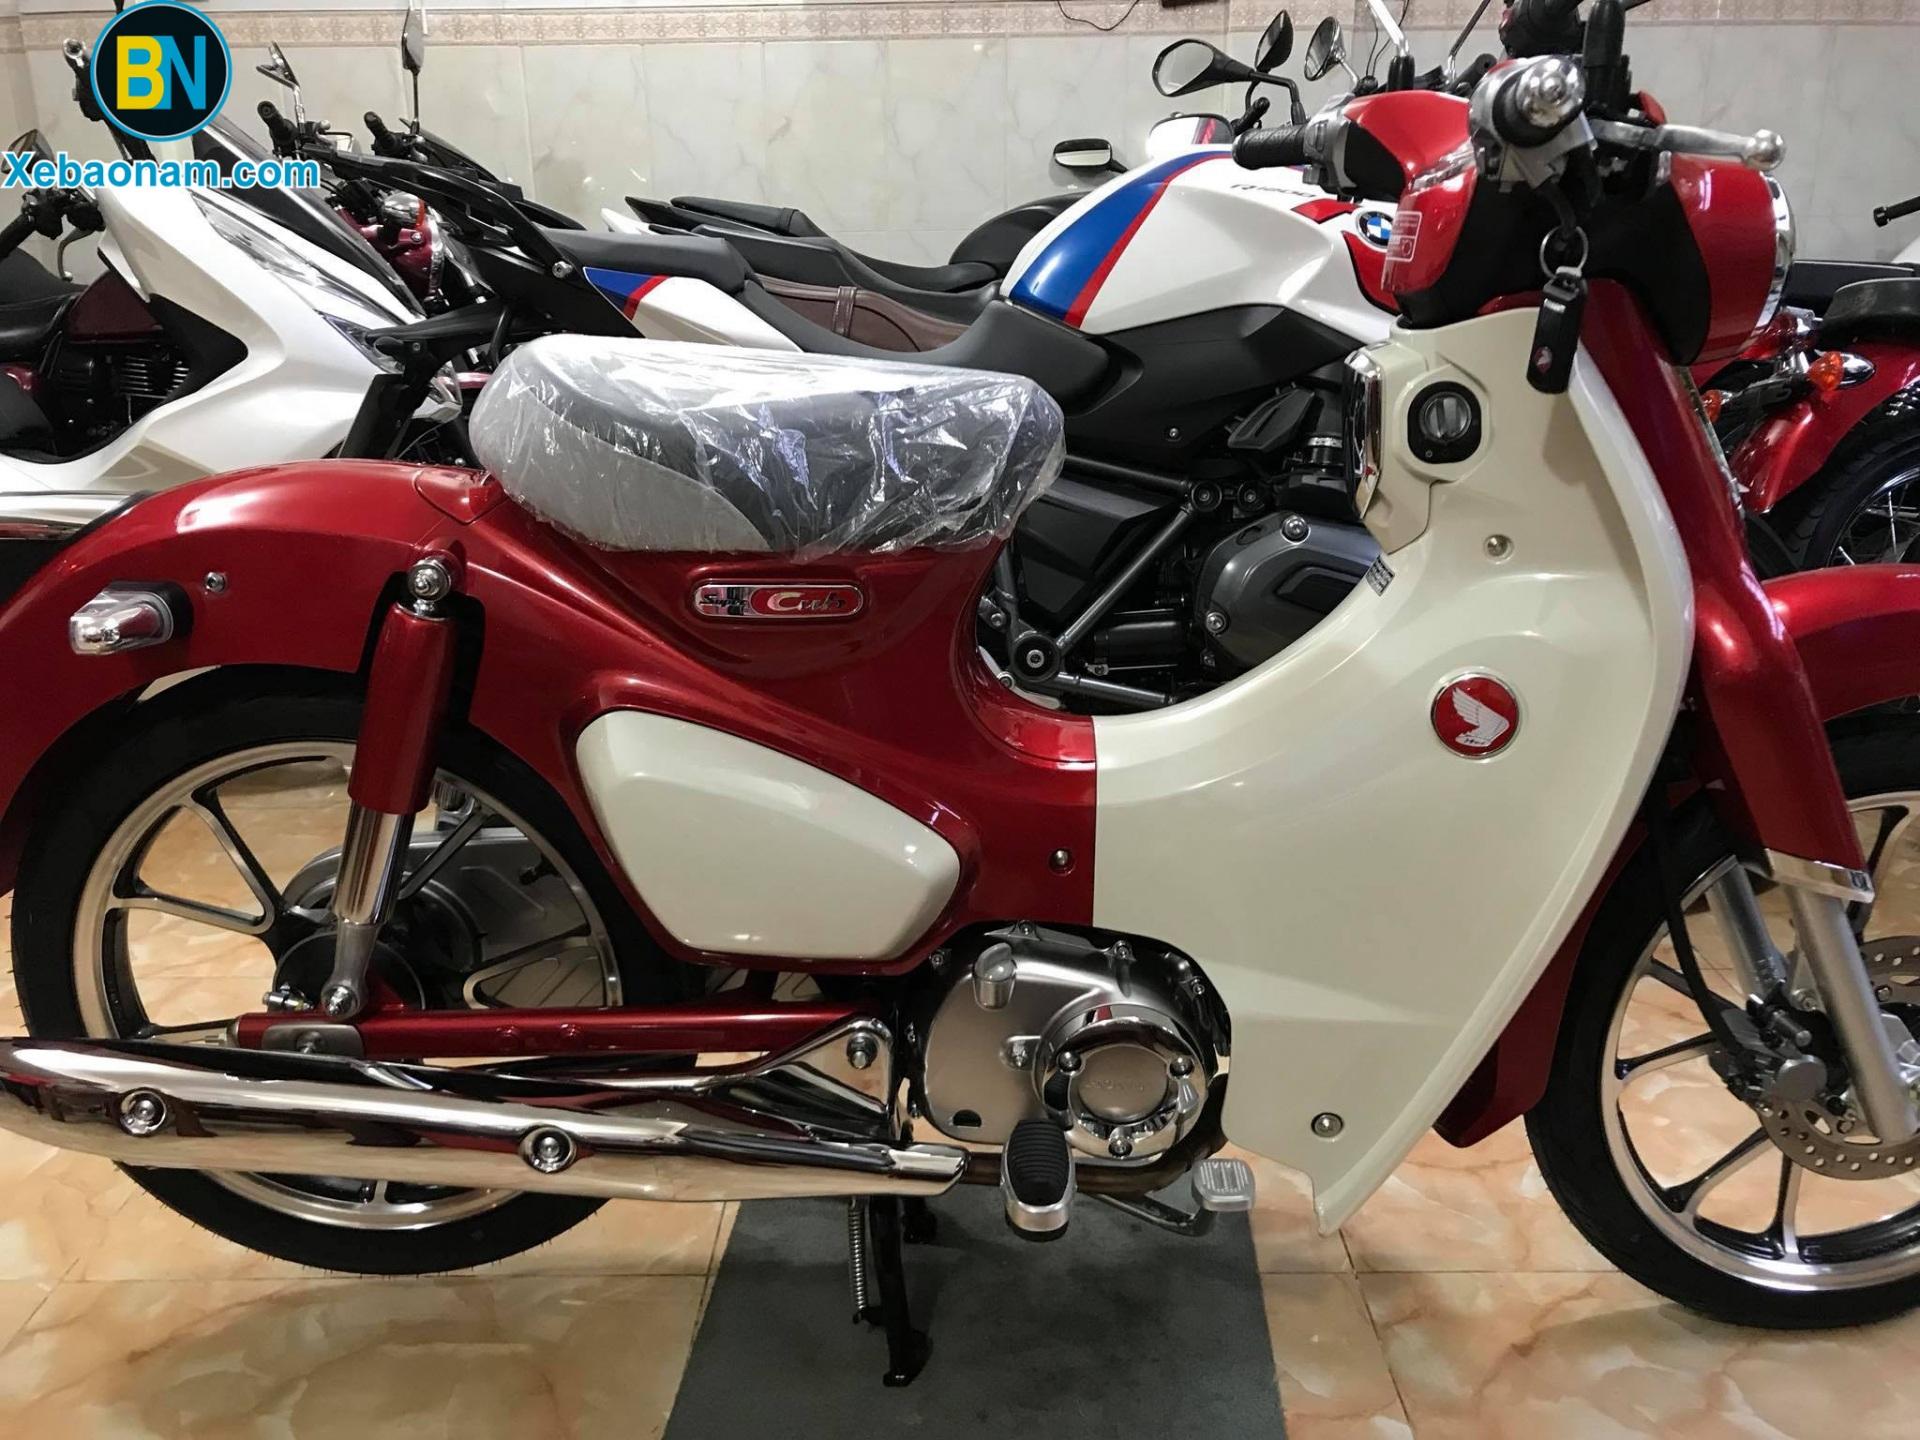 cub-classic-c125-honda-12